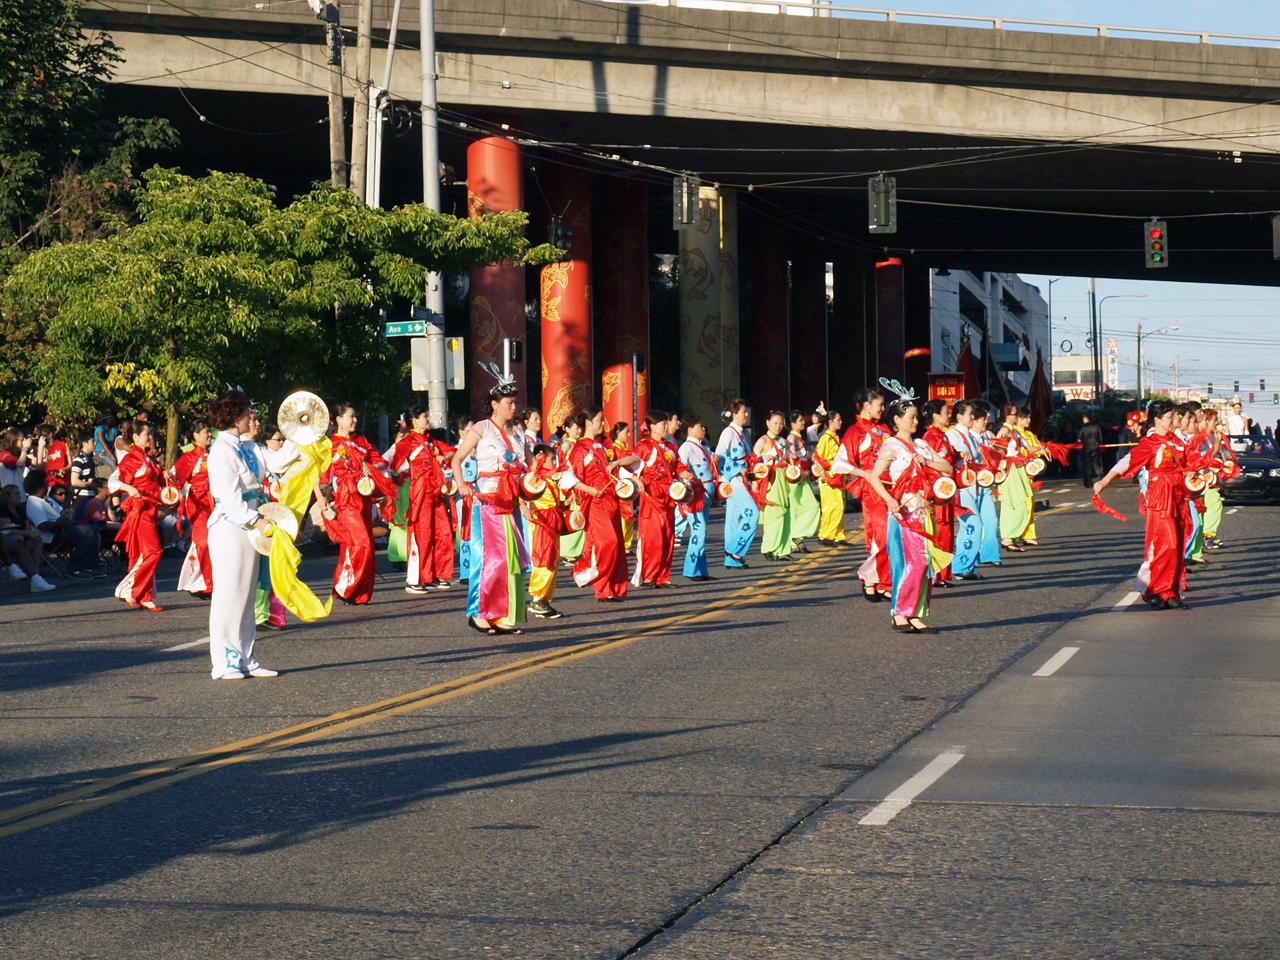 2011 Sea Fair China Town Parade Image 187